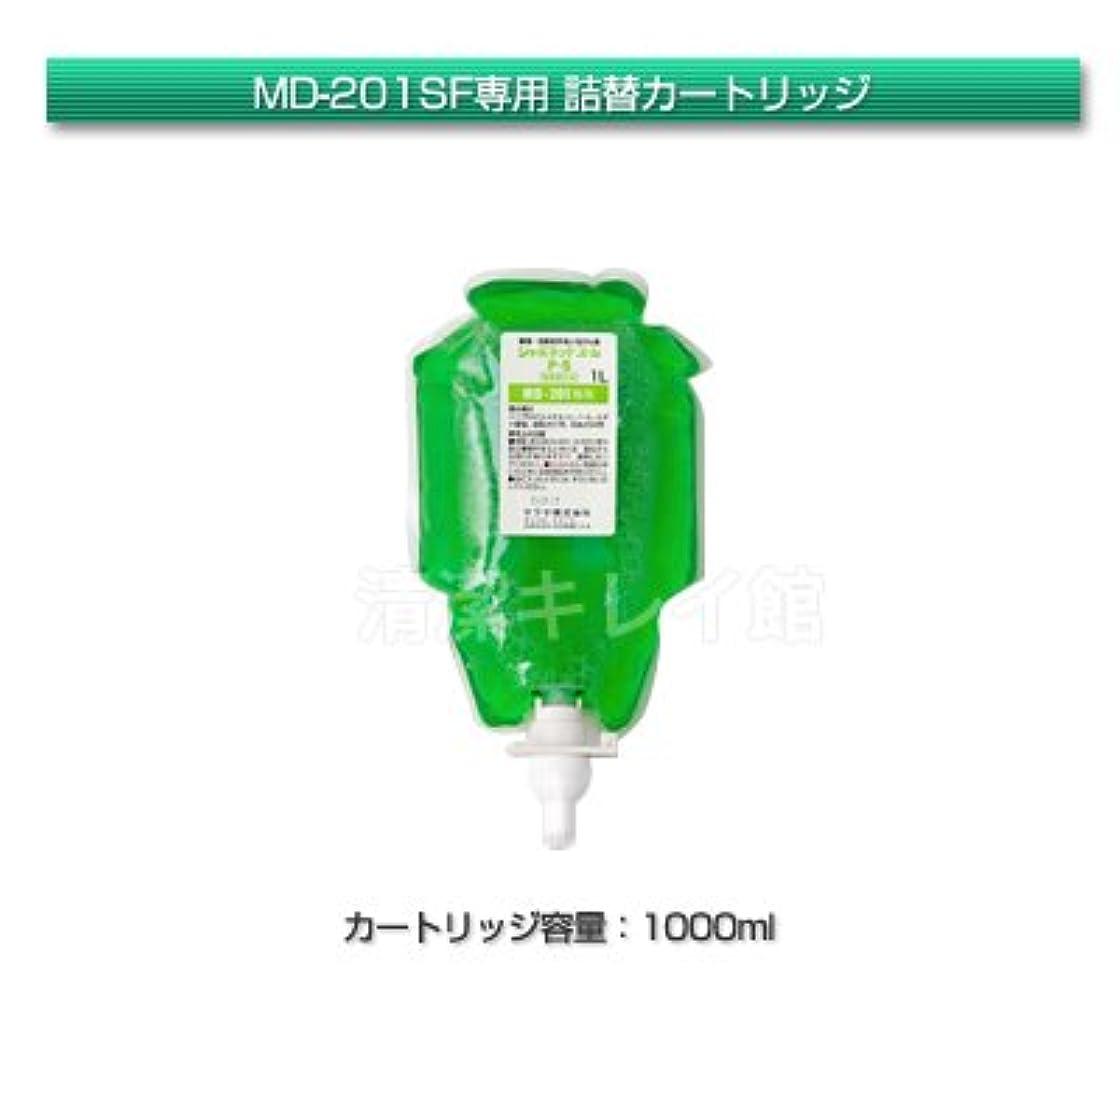 保存羨望要求サラヤ プッシュ式石鹸液 MD-201SF(泡)専用カートリッジ(ユムP-5)1000ml【清潔キレイ館】